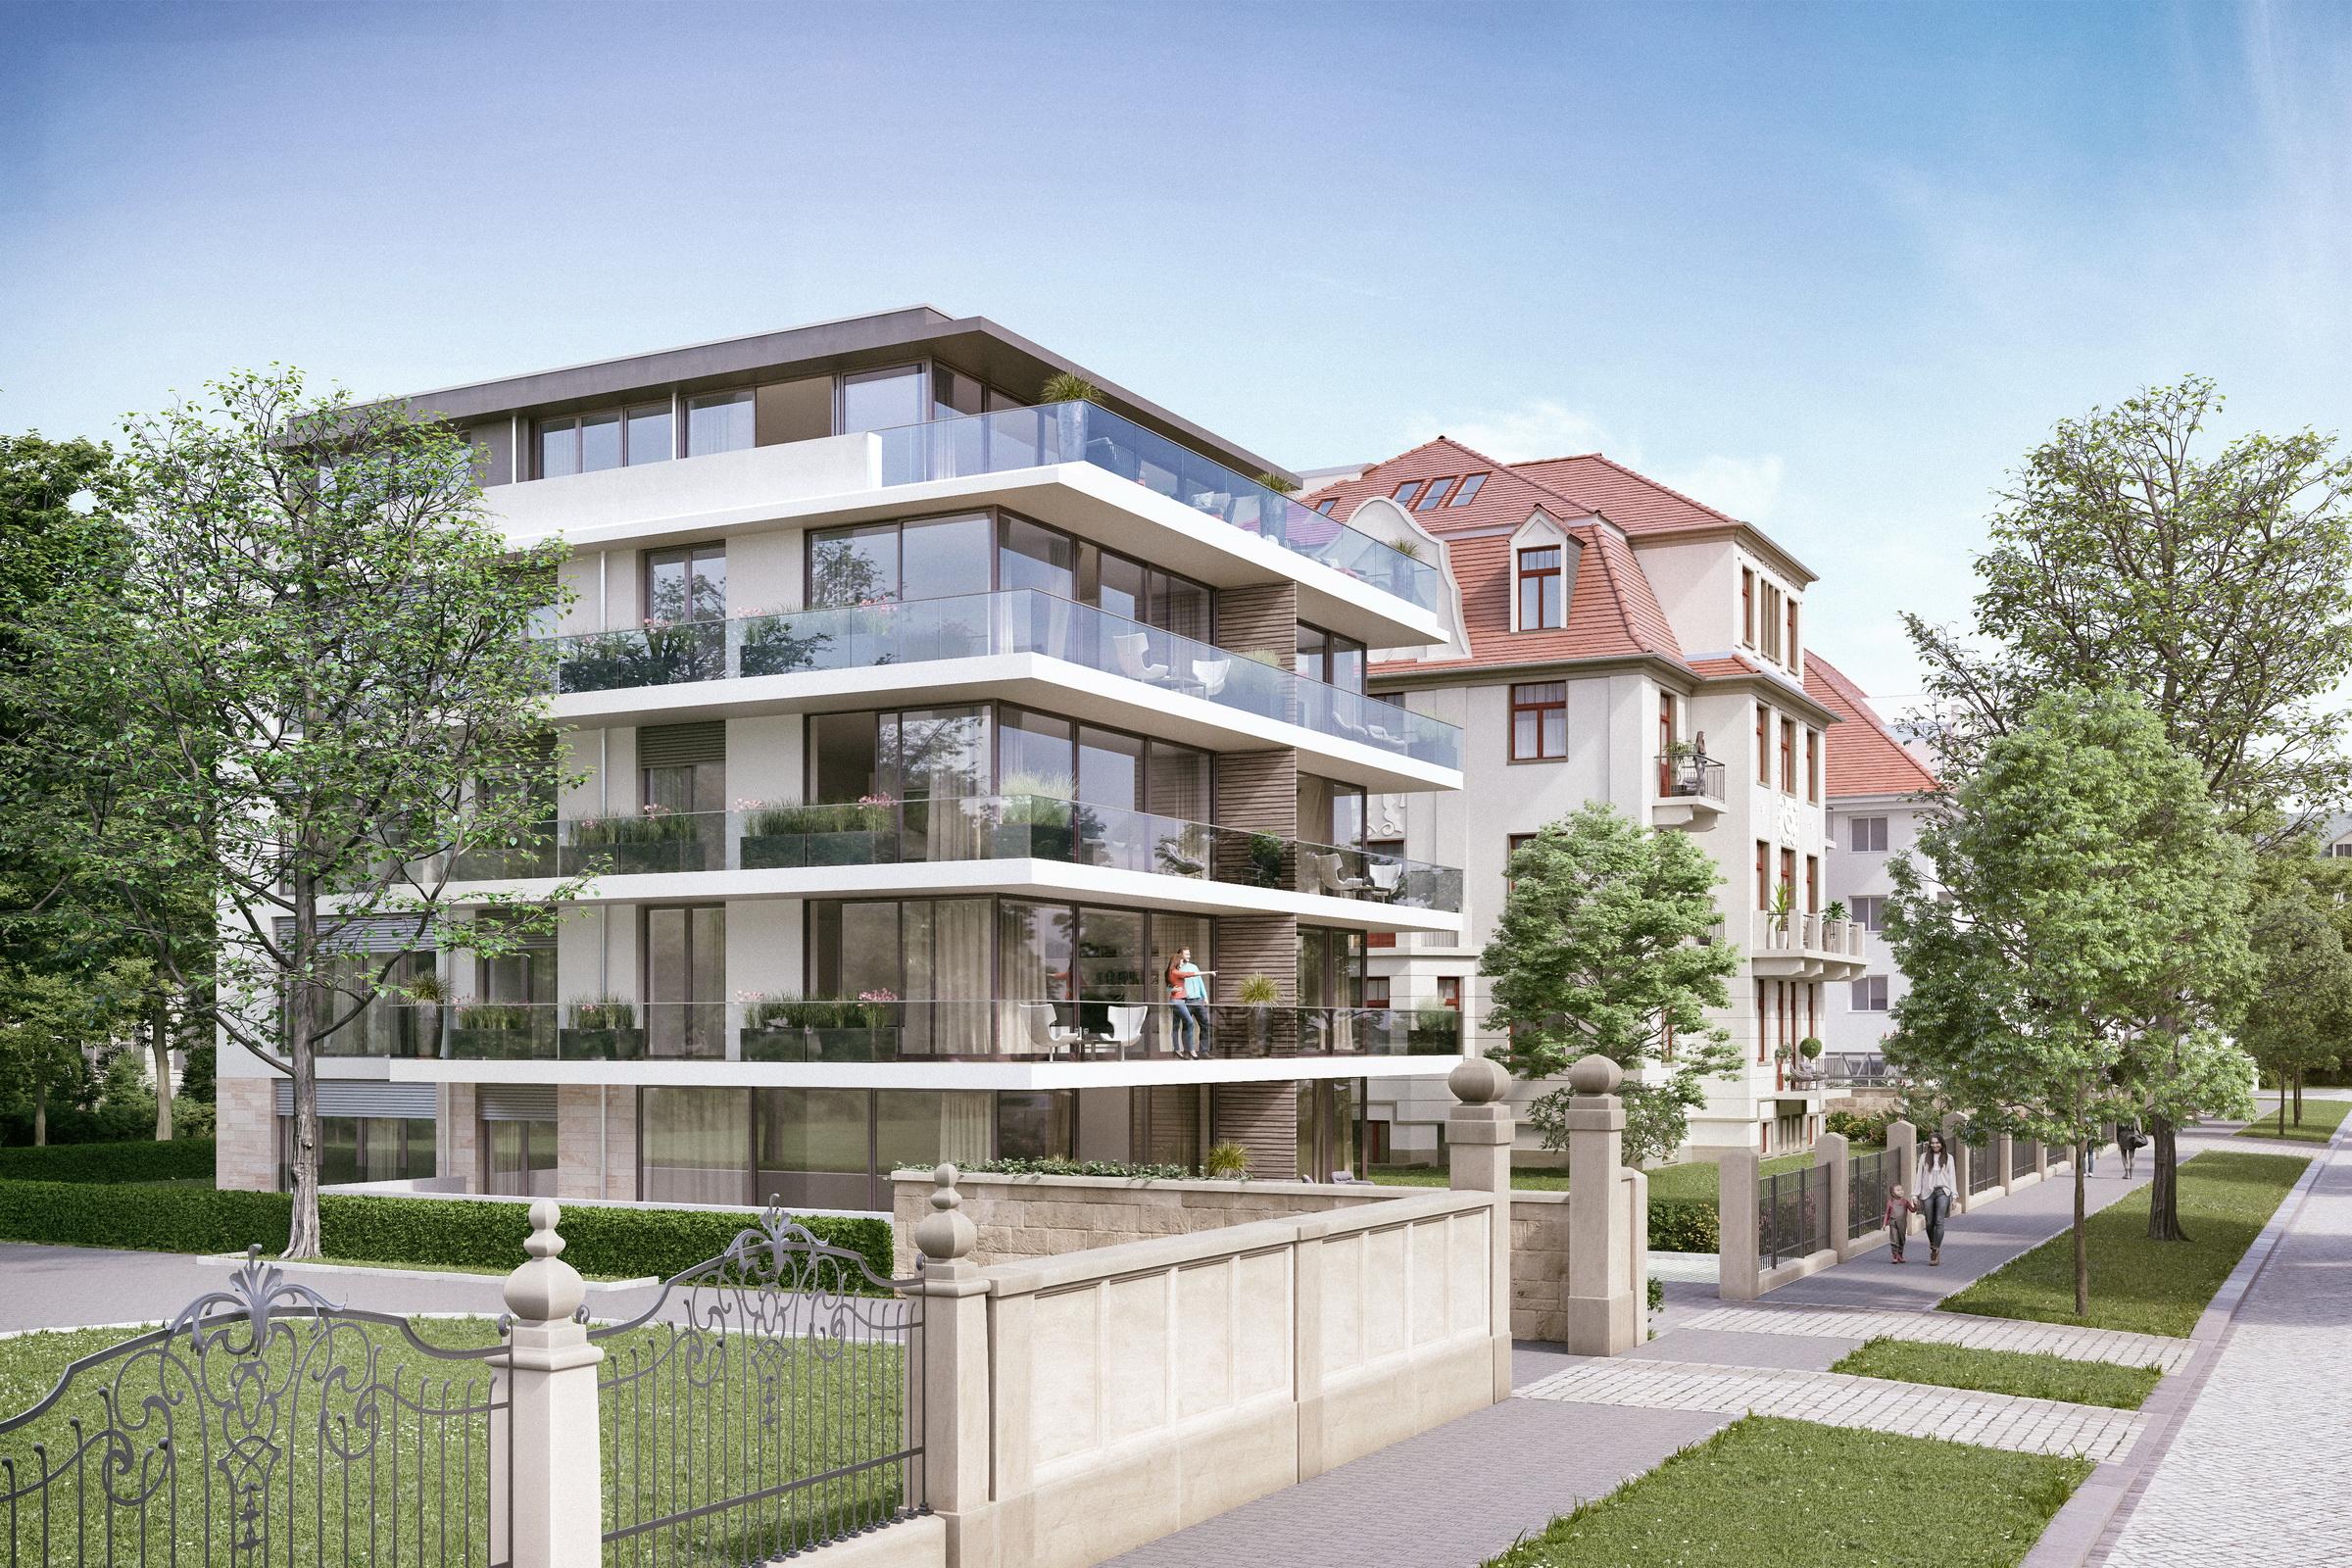 Pohl_Pohl_Architekten_Georgenstrasse_4_Neubau_170830_r